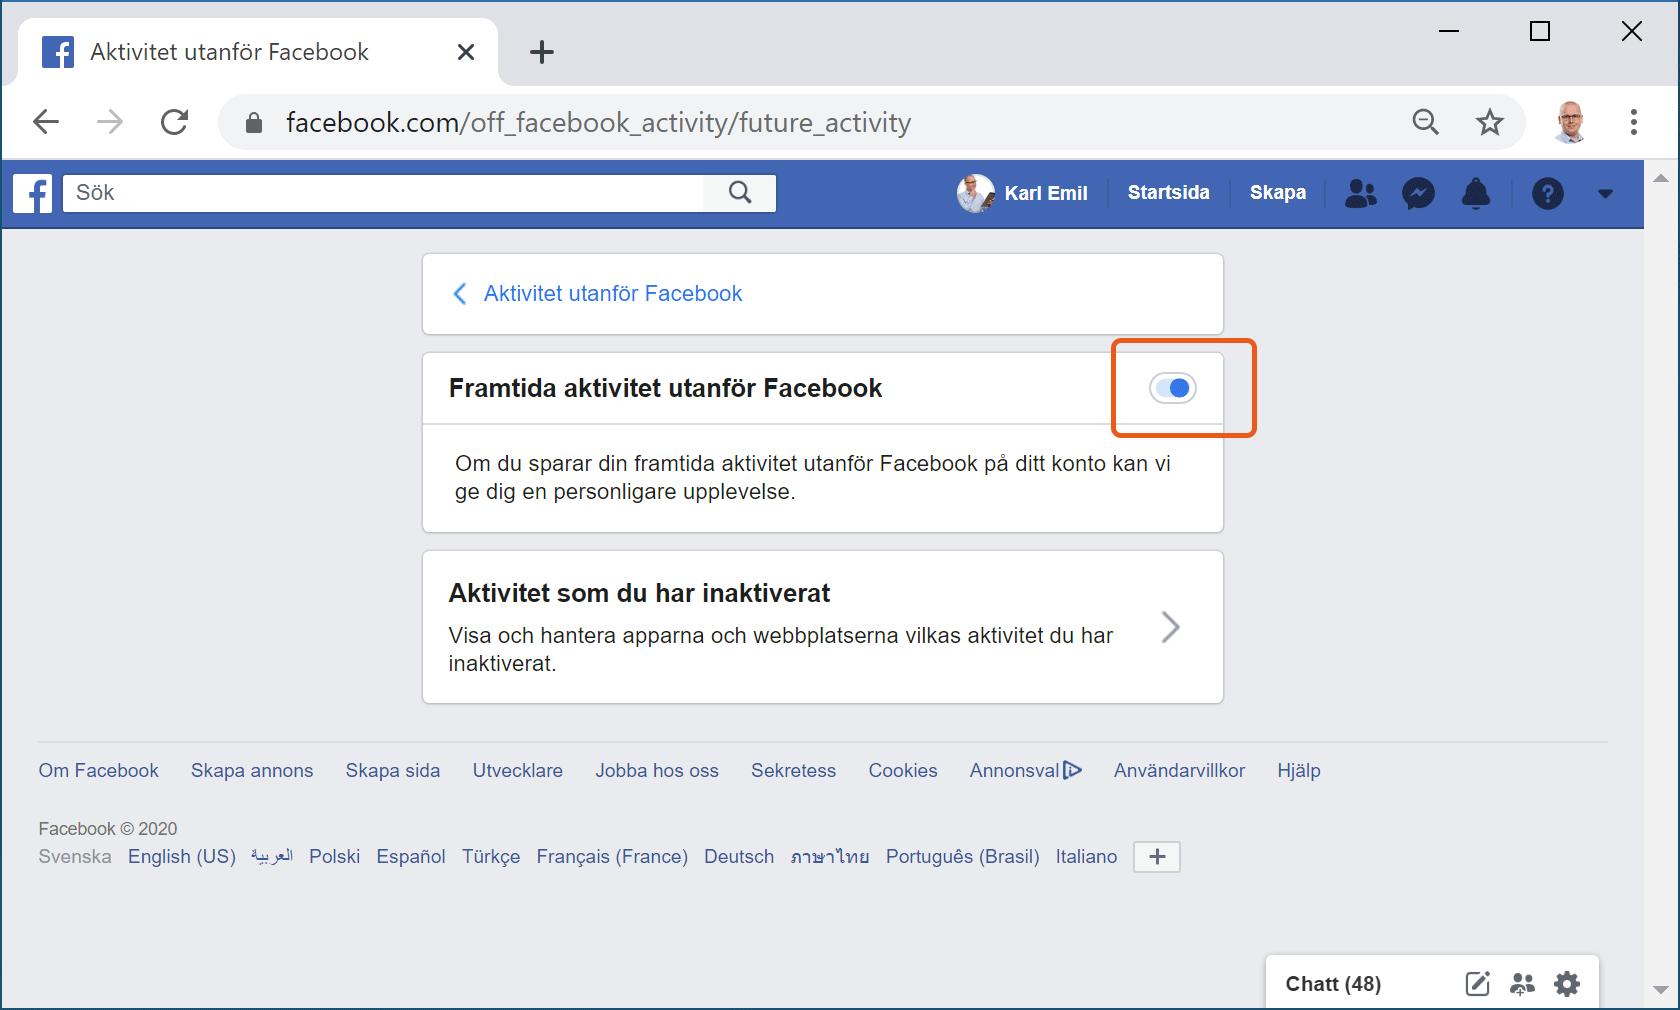 Facebooks inställning för att inaktivera kopplingen mellan insamlad data och din profil.